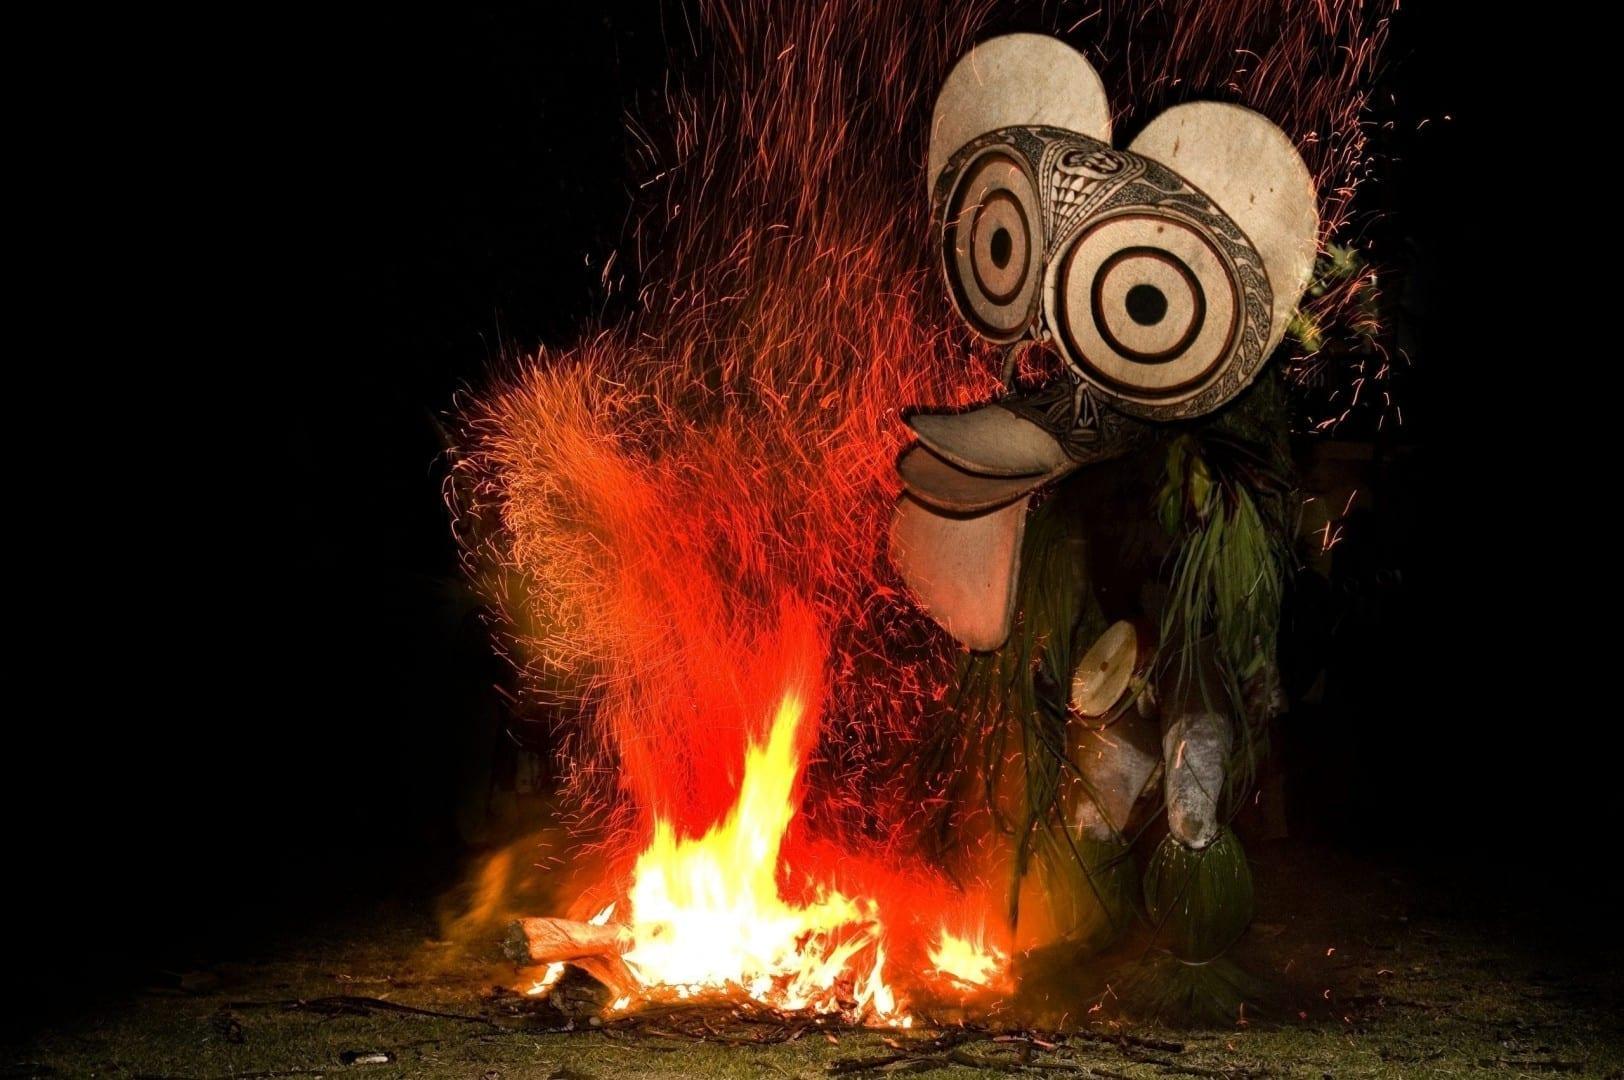 Una bailarina del fuego de Baining entrando en las llamas en Nueva Bretaña Papúa Nueva Guinea